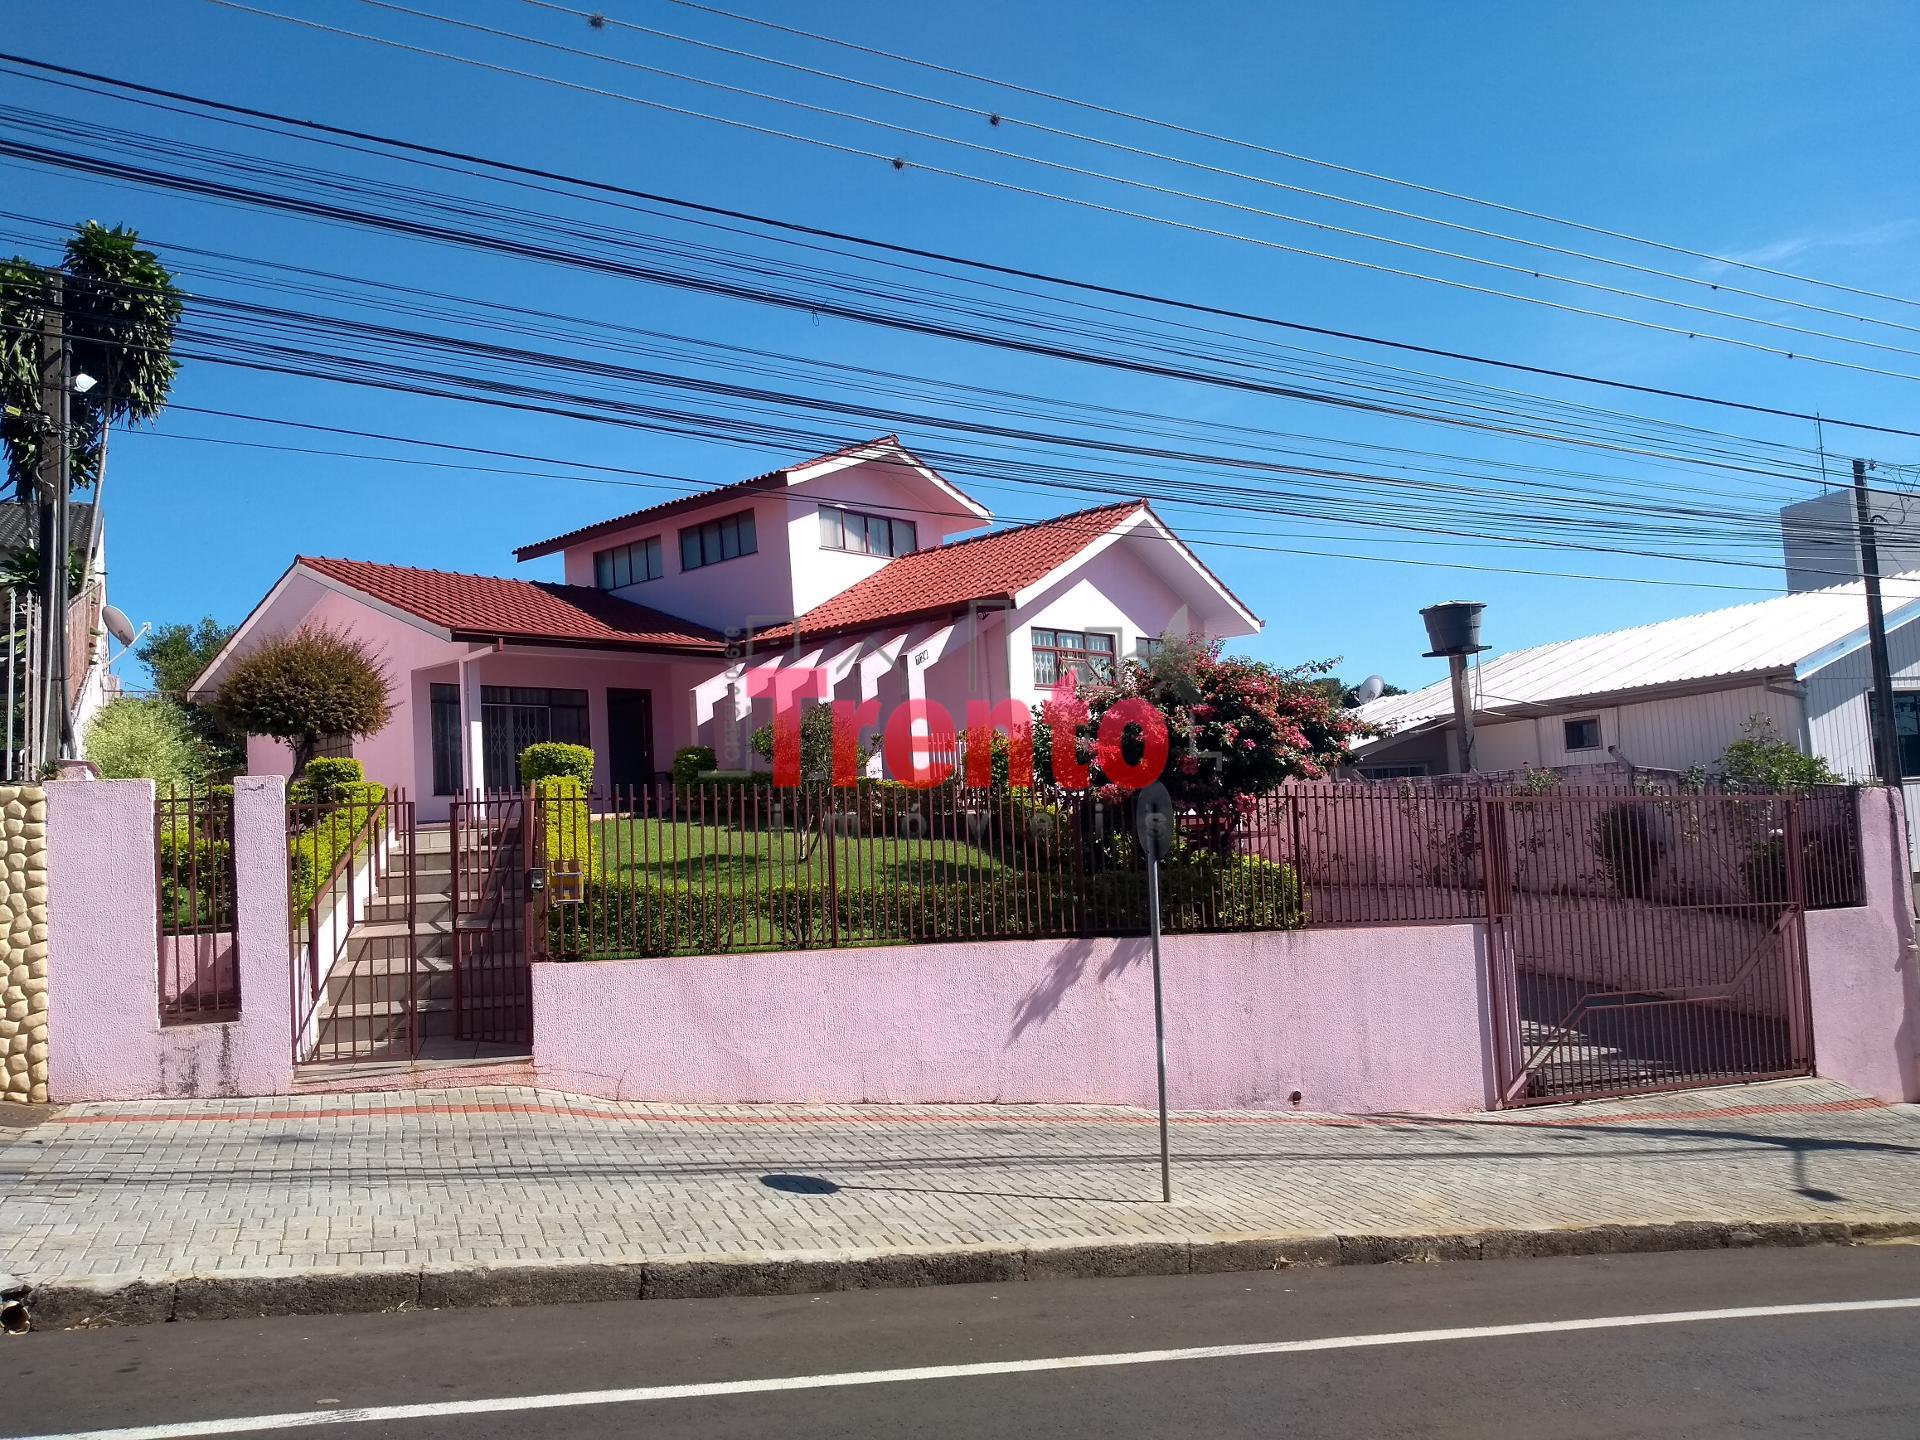 CASA BAIRRO JARDIM DAS AMÉRICAS - PATO BRANCO/PR